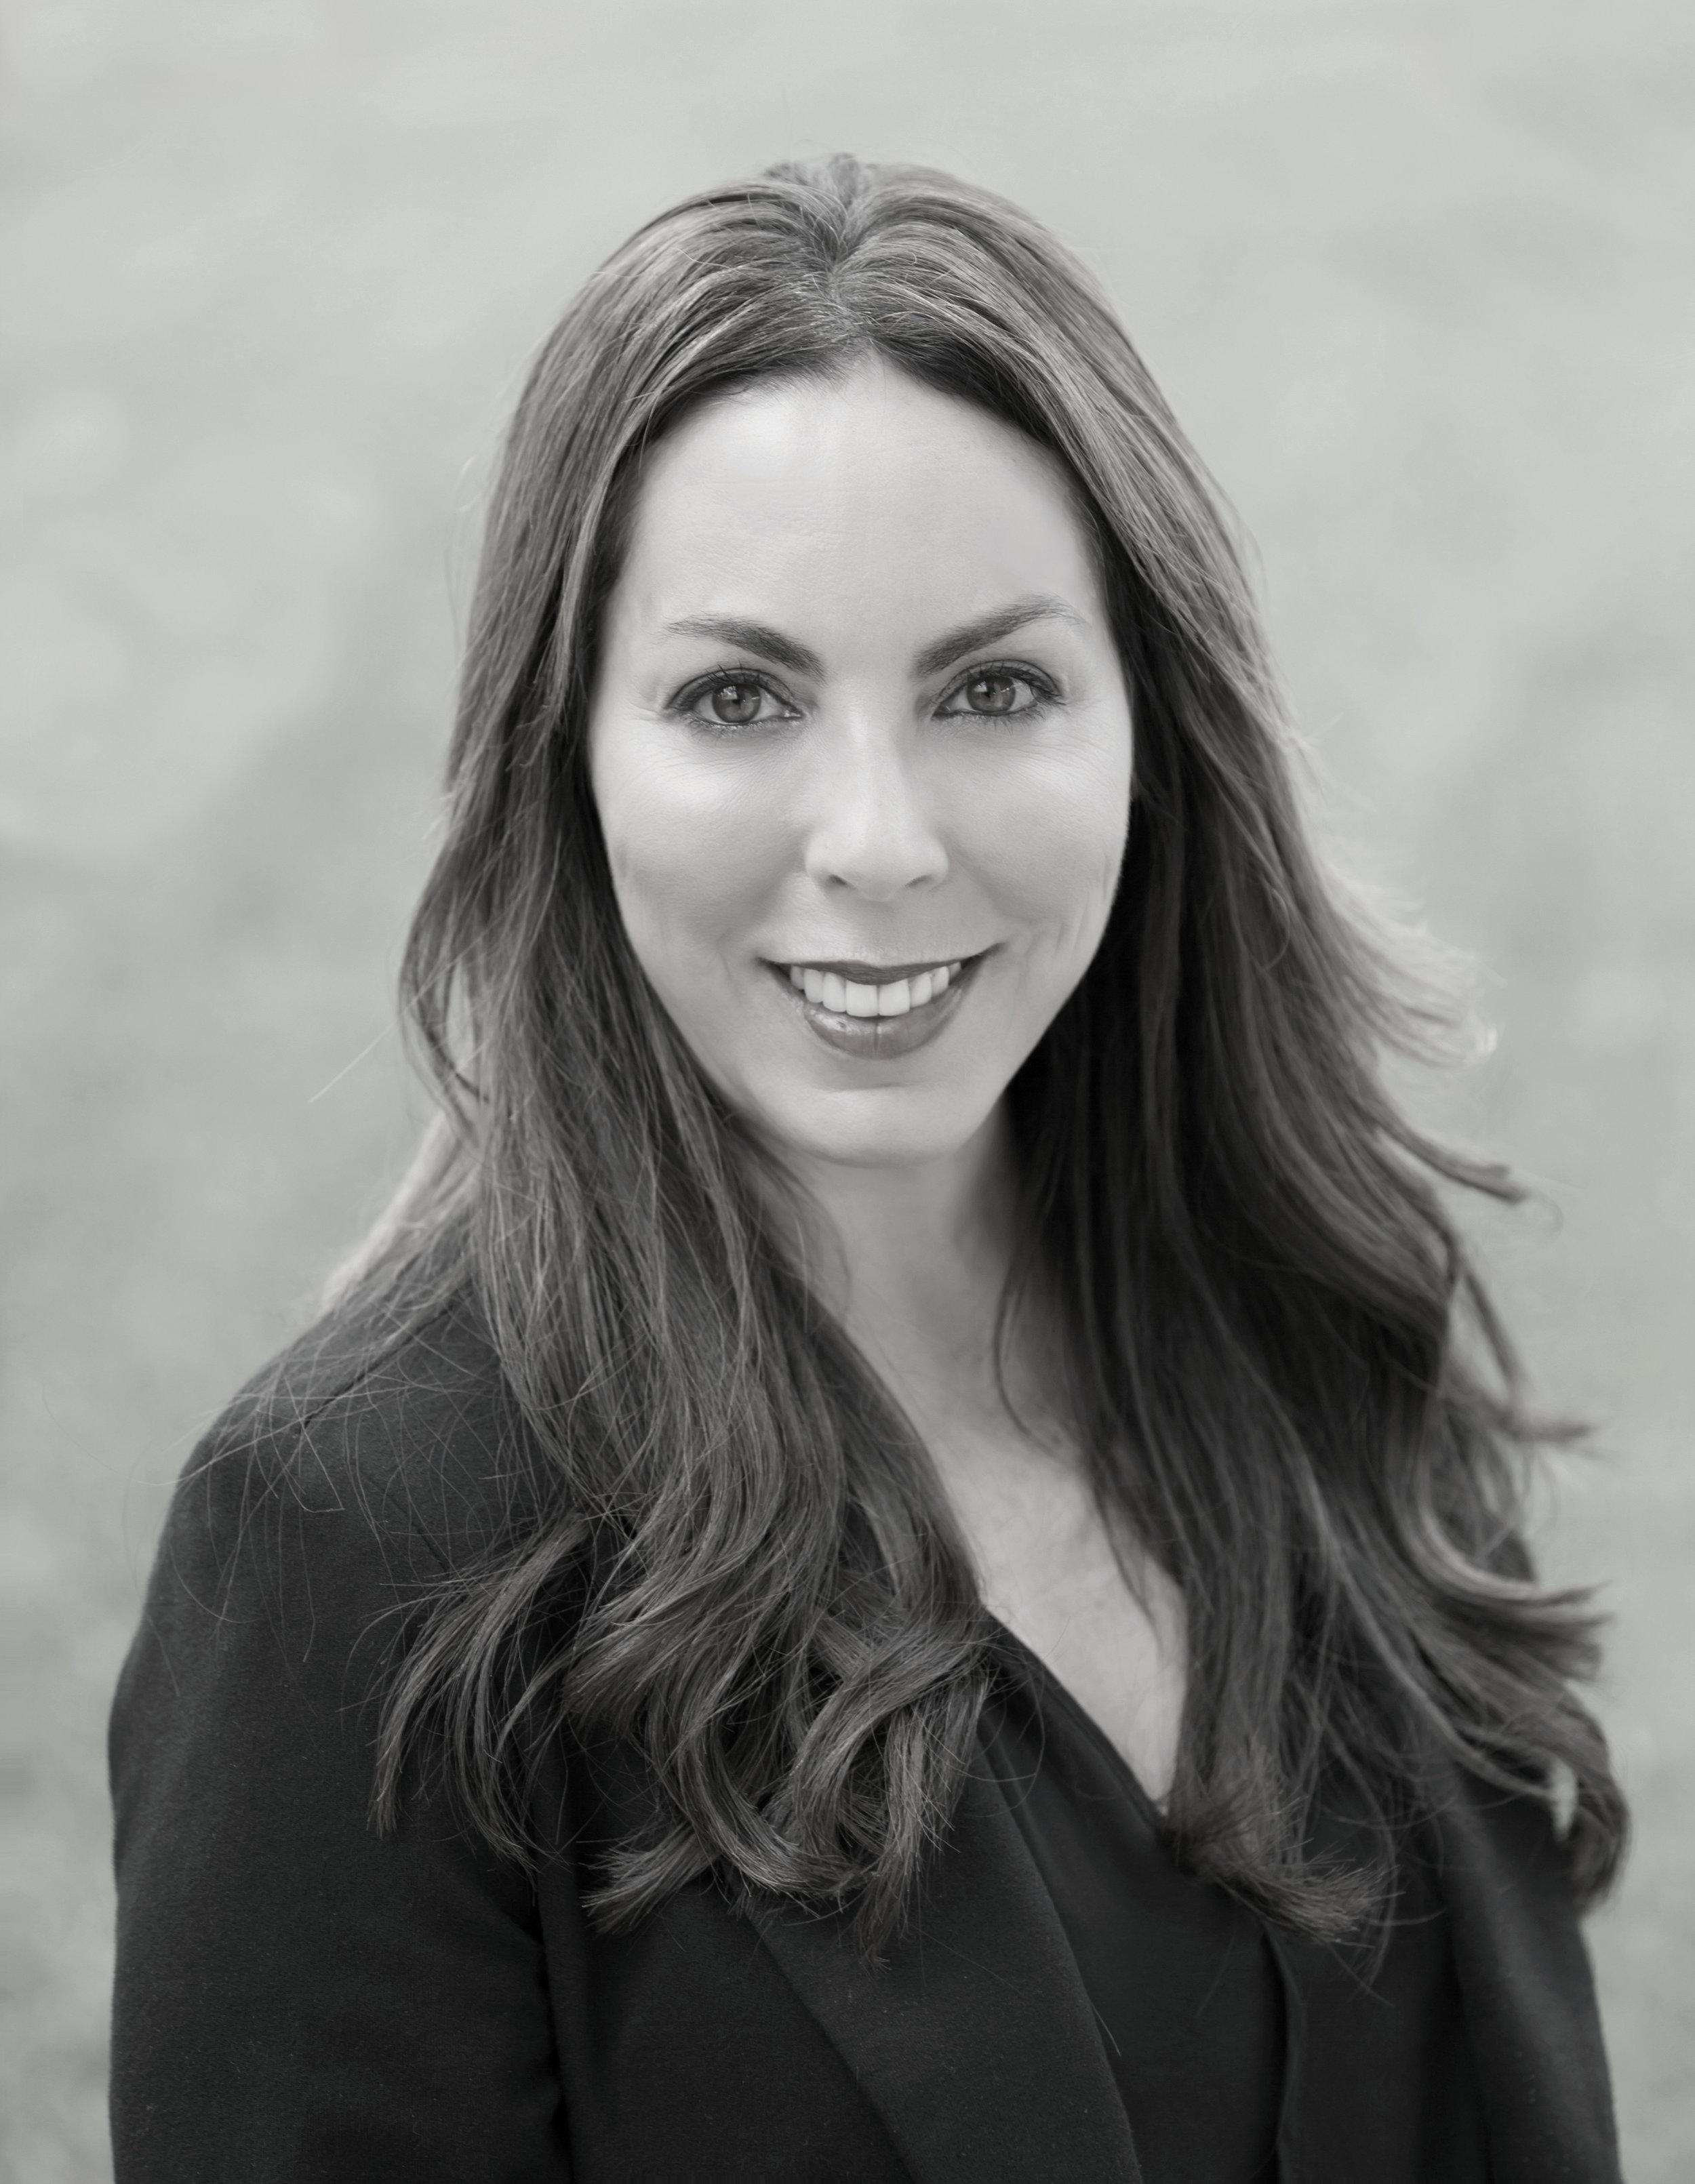 Nicole Rechter